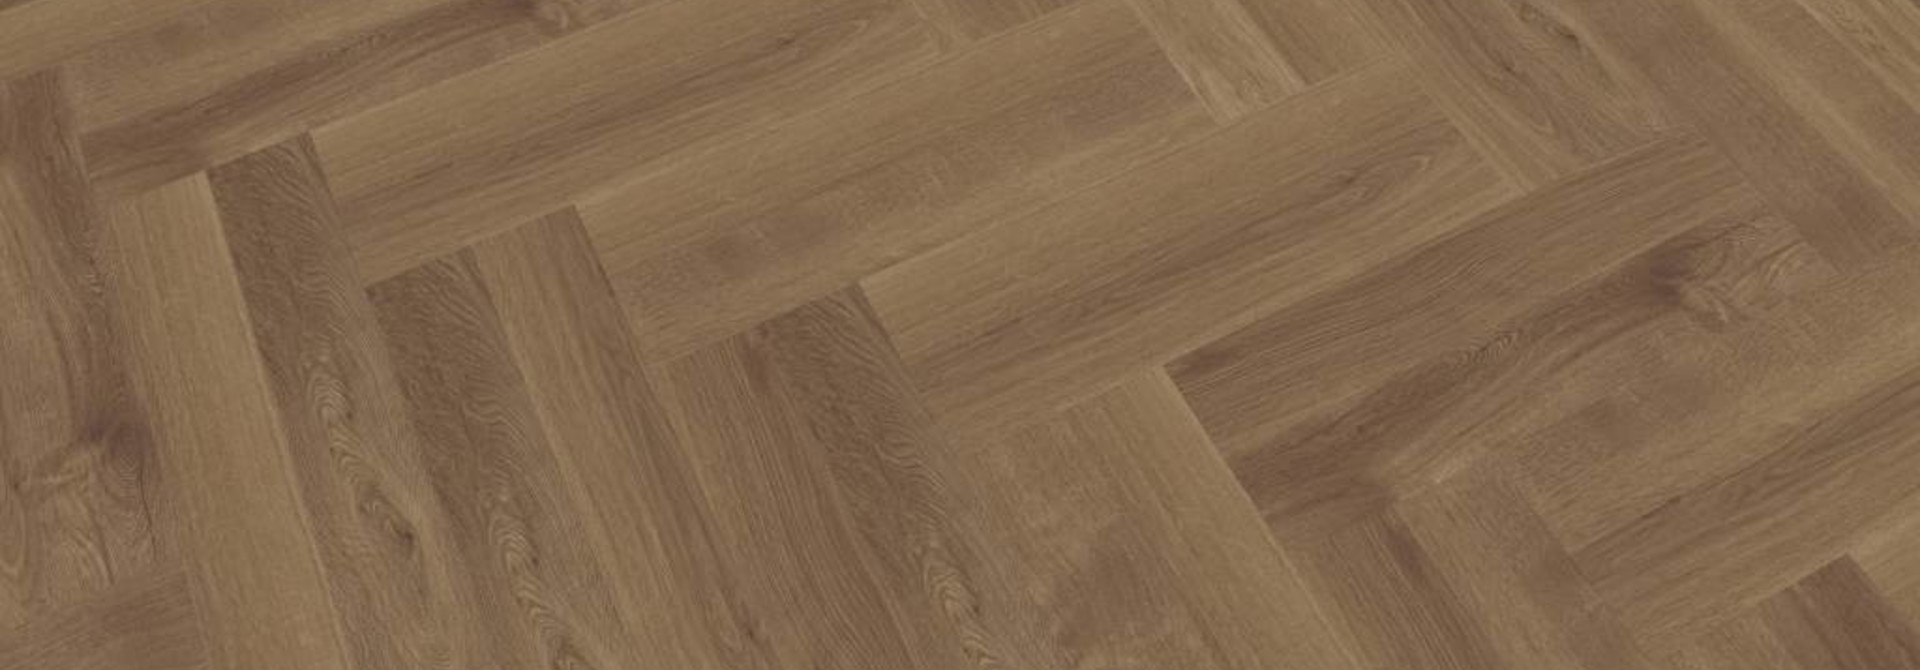 Parva Plus PVC visgraat vloer